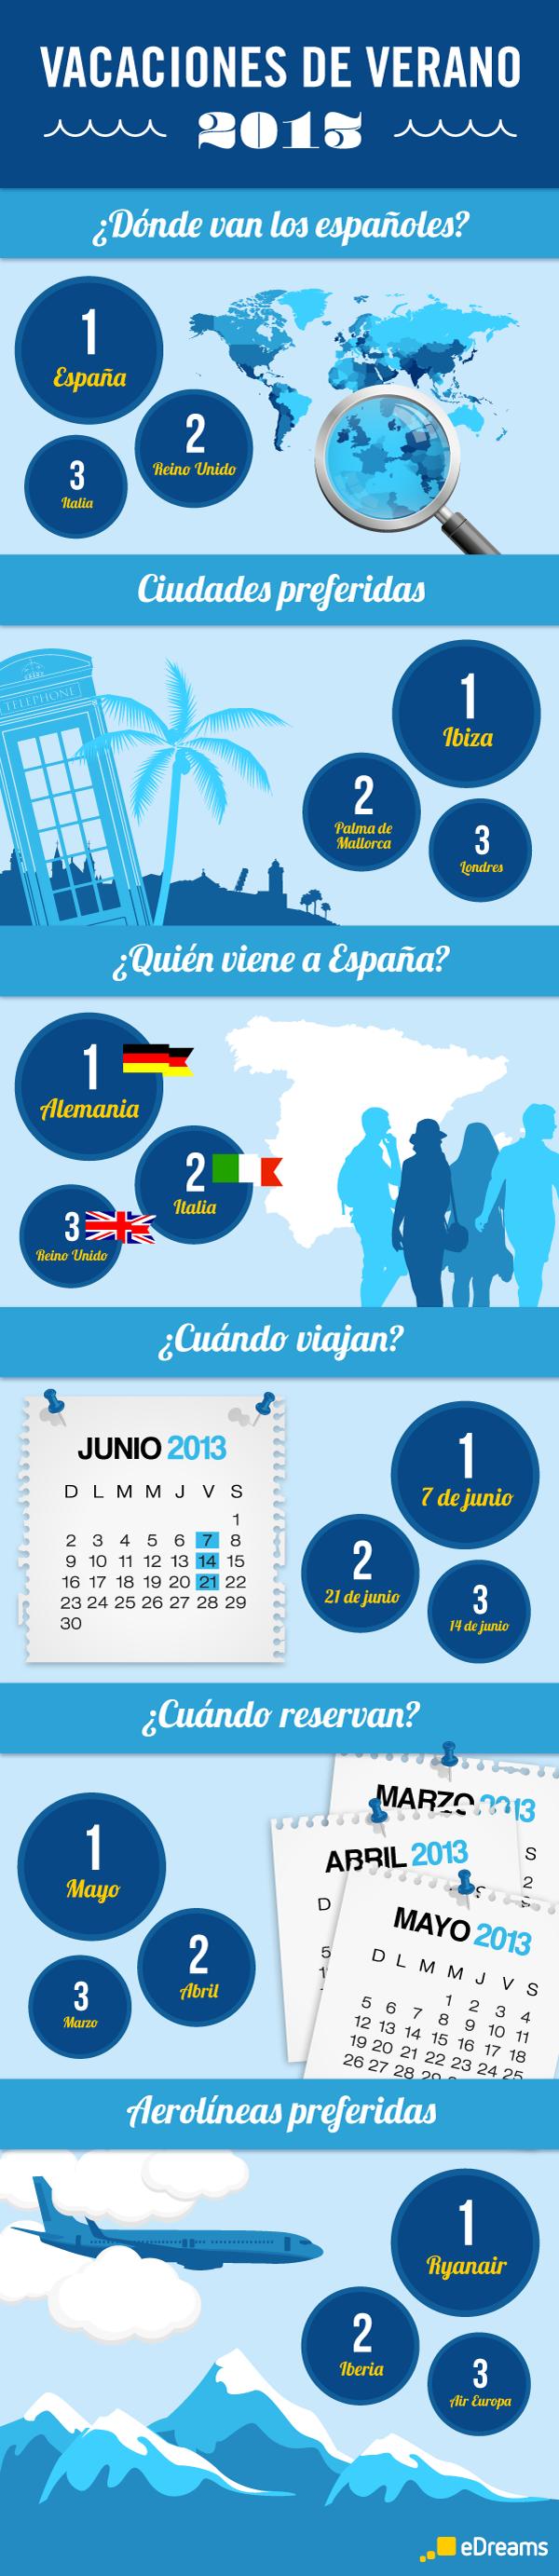 Tendencias vacaciones de verano de los españoles 2013